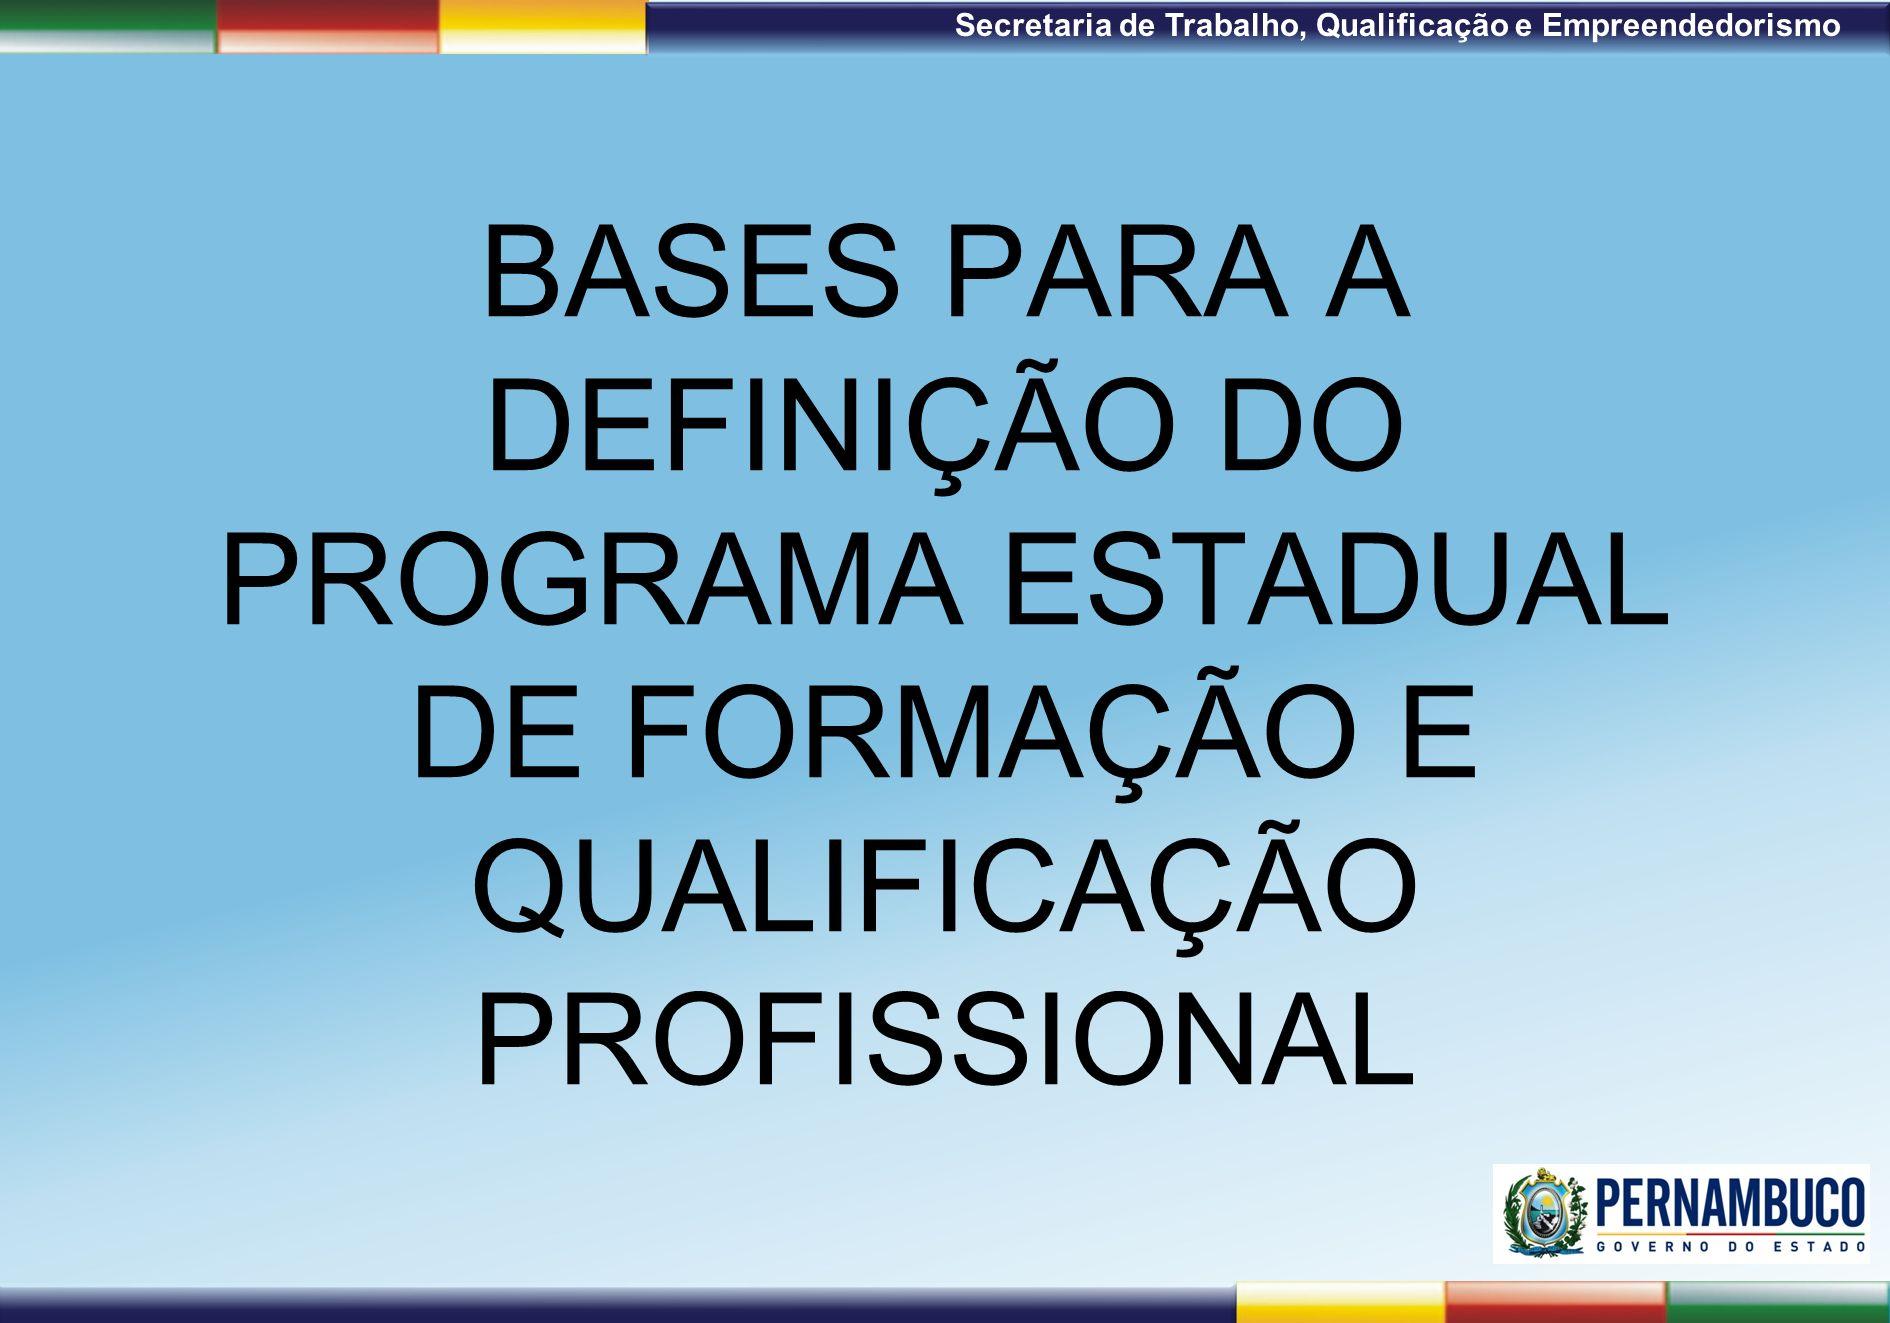 BASES PARA A DEFINIÇÃO DO PROGRAMA ESTADUAL DE FORMAÇÃO E QUALIFICAÇÃO PROFISSIONAL